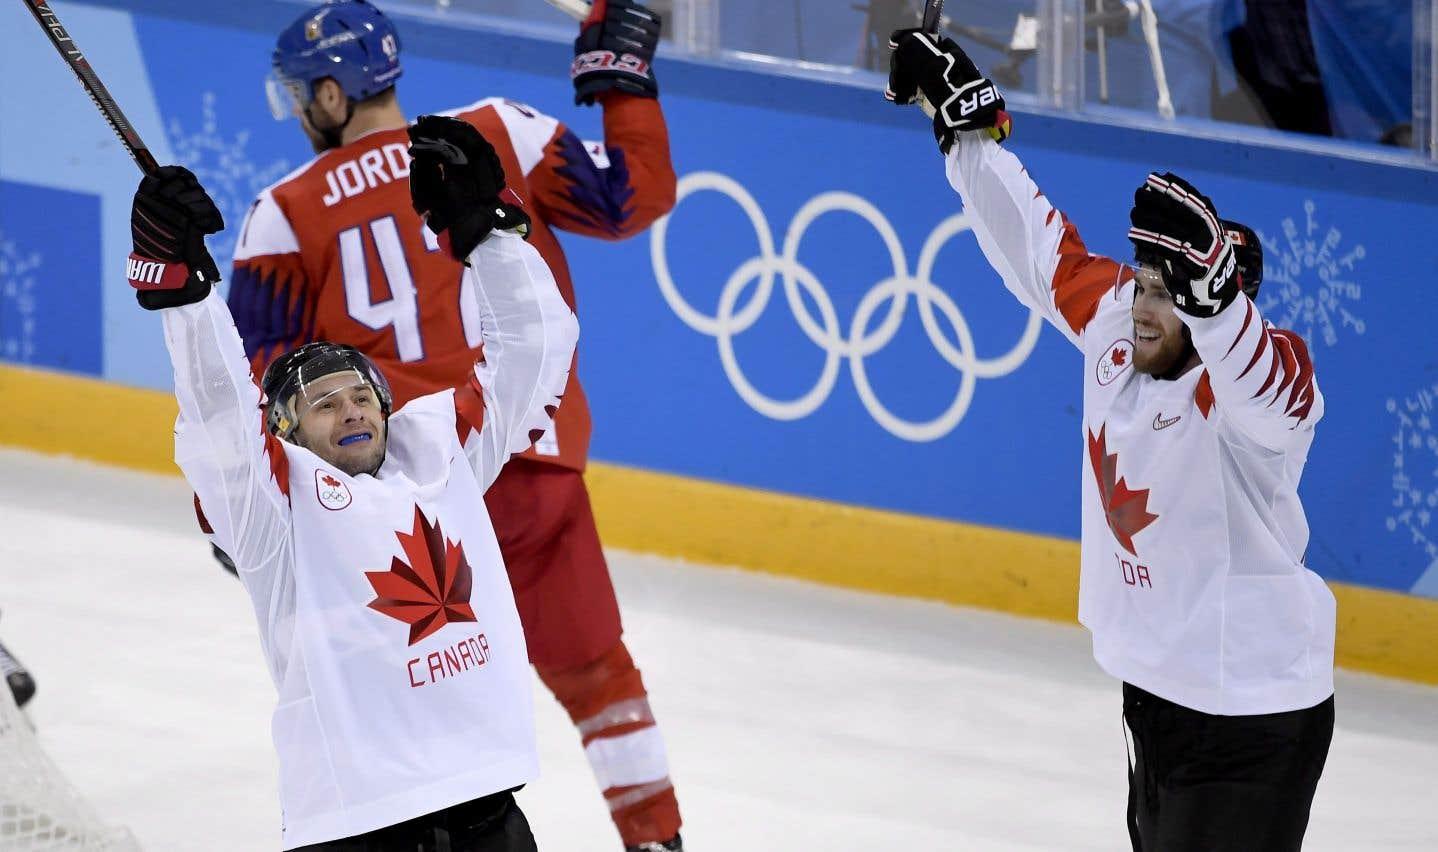 Les Canadiens Wojtek Wolski et Quinton Howden célèbrent après un but marqué en troisième période.